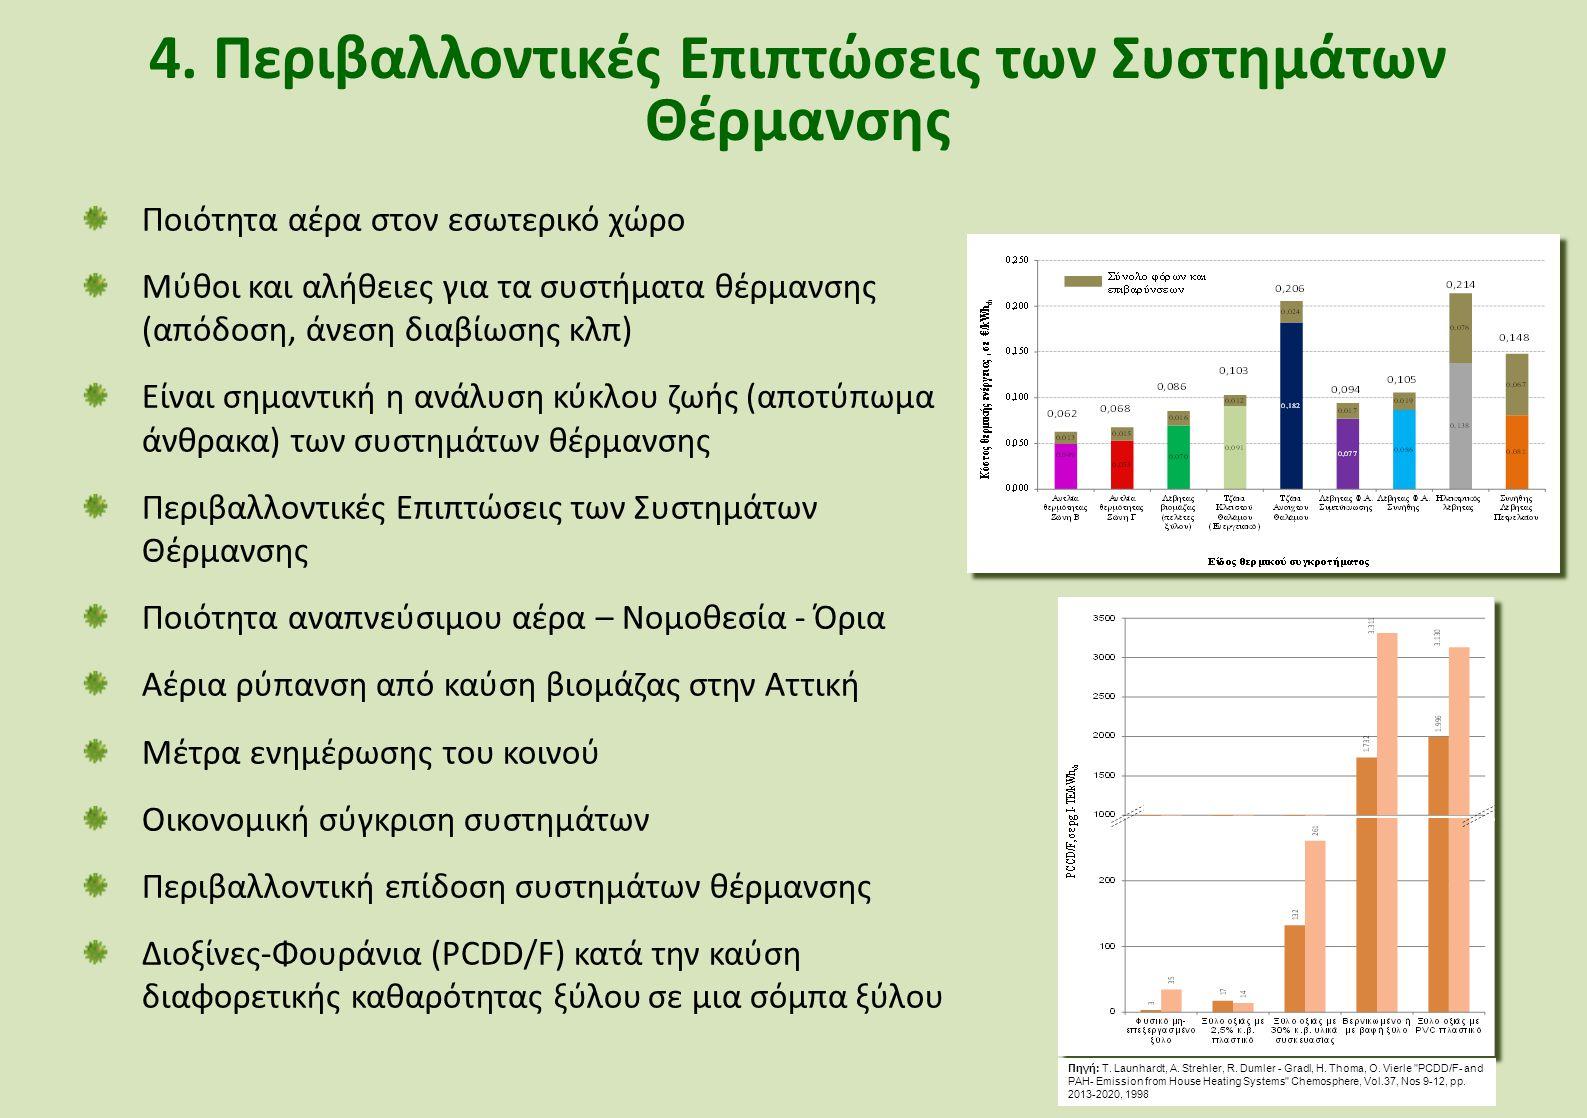 4. Περιβαλλοντικές Επιπτώσεις των Συστημάτων Θέρμανσης